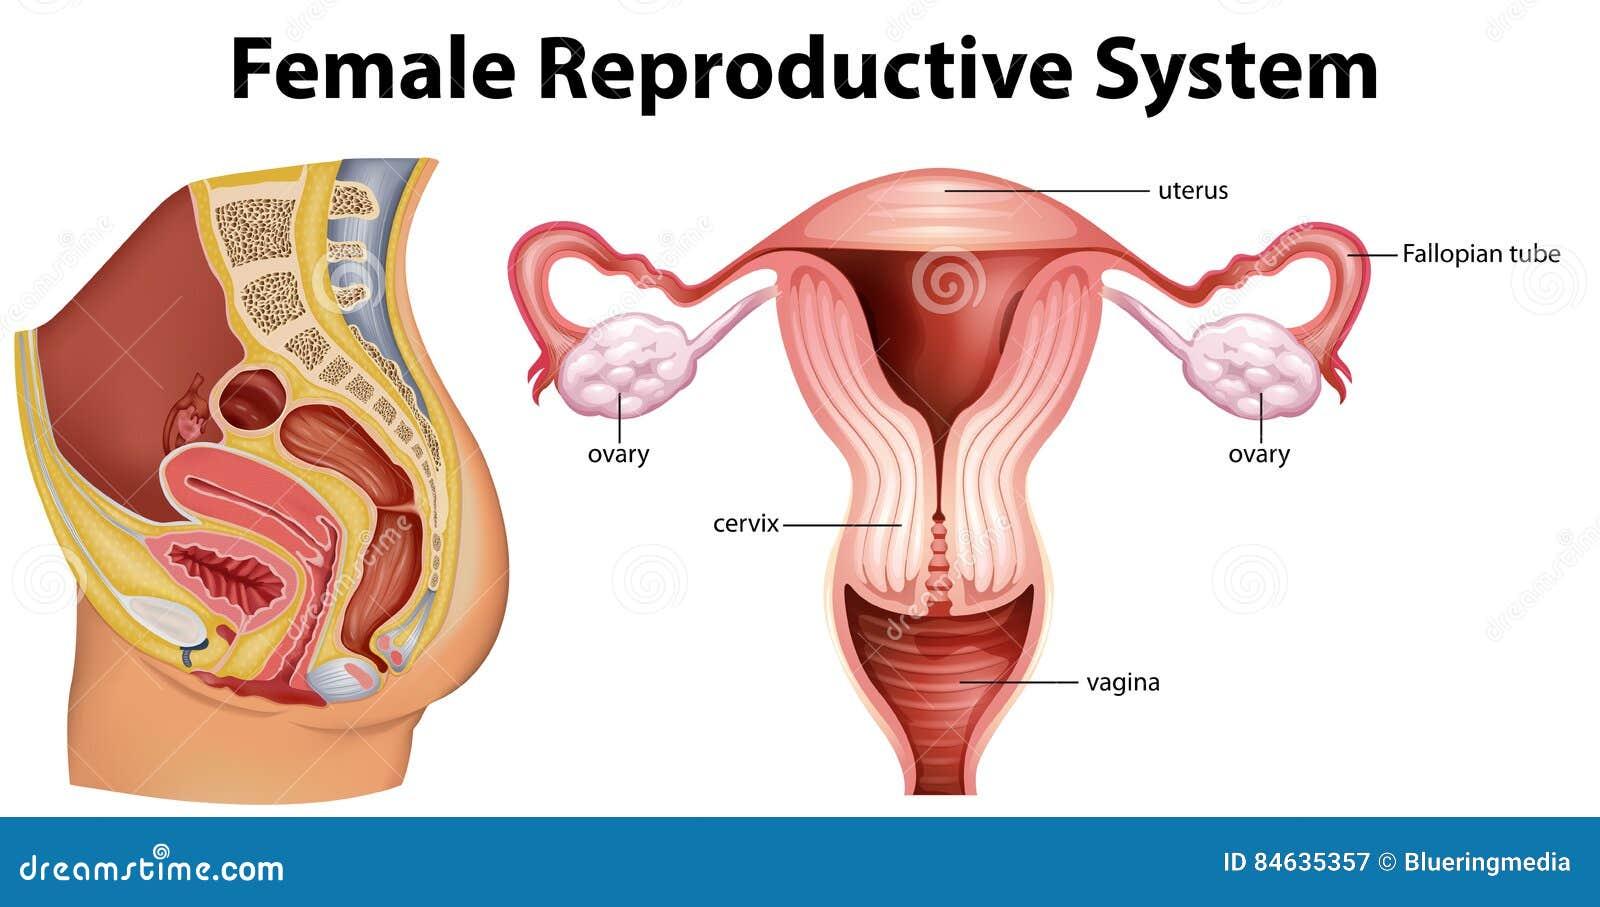 Diagrama Que Muestra El Sistema Reproductivo Femenino Ilustración ...